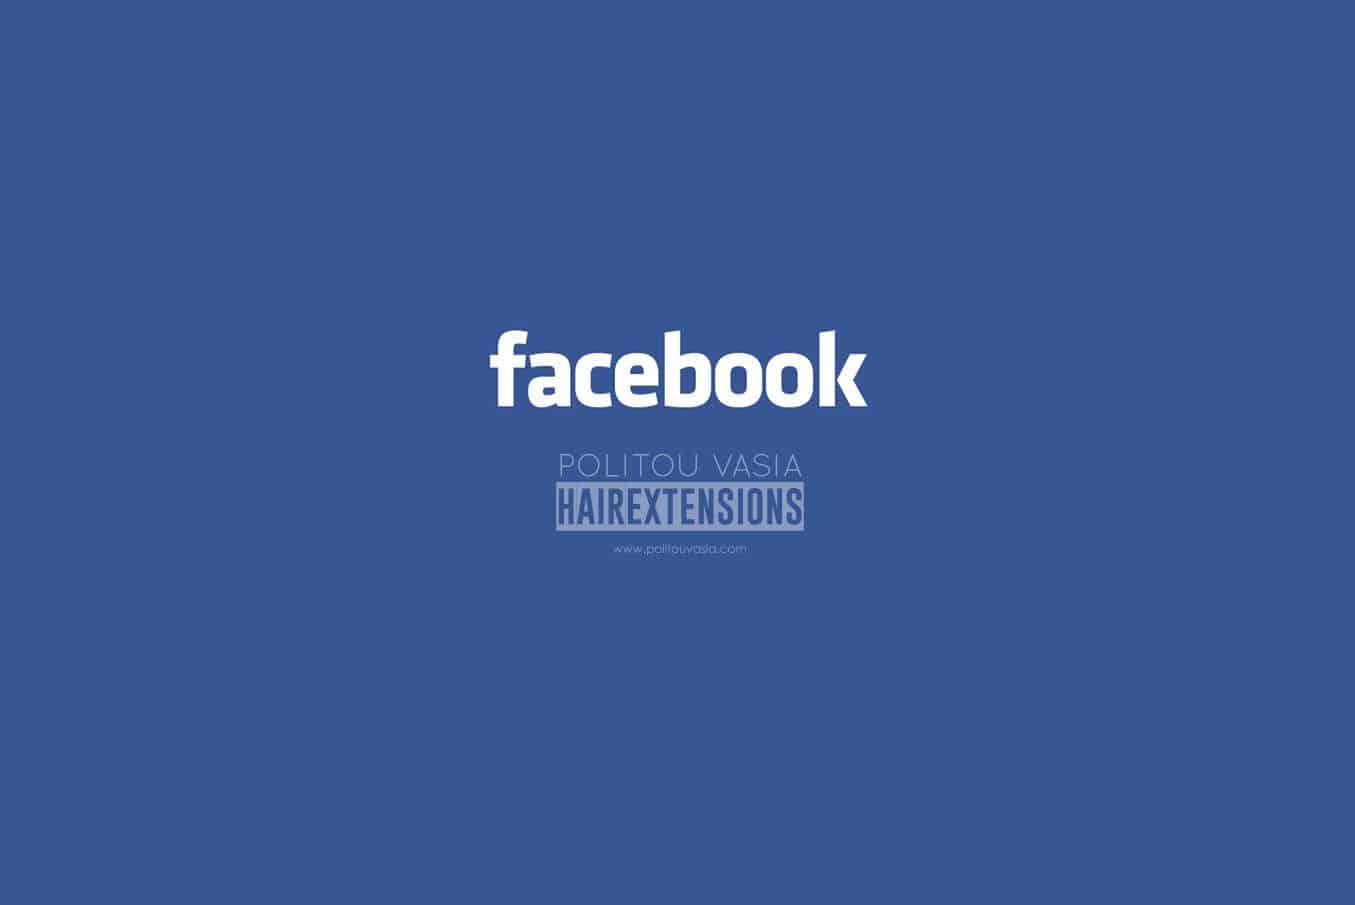 politou vasia facebook